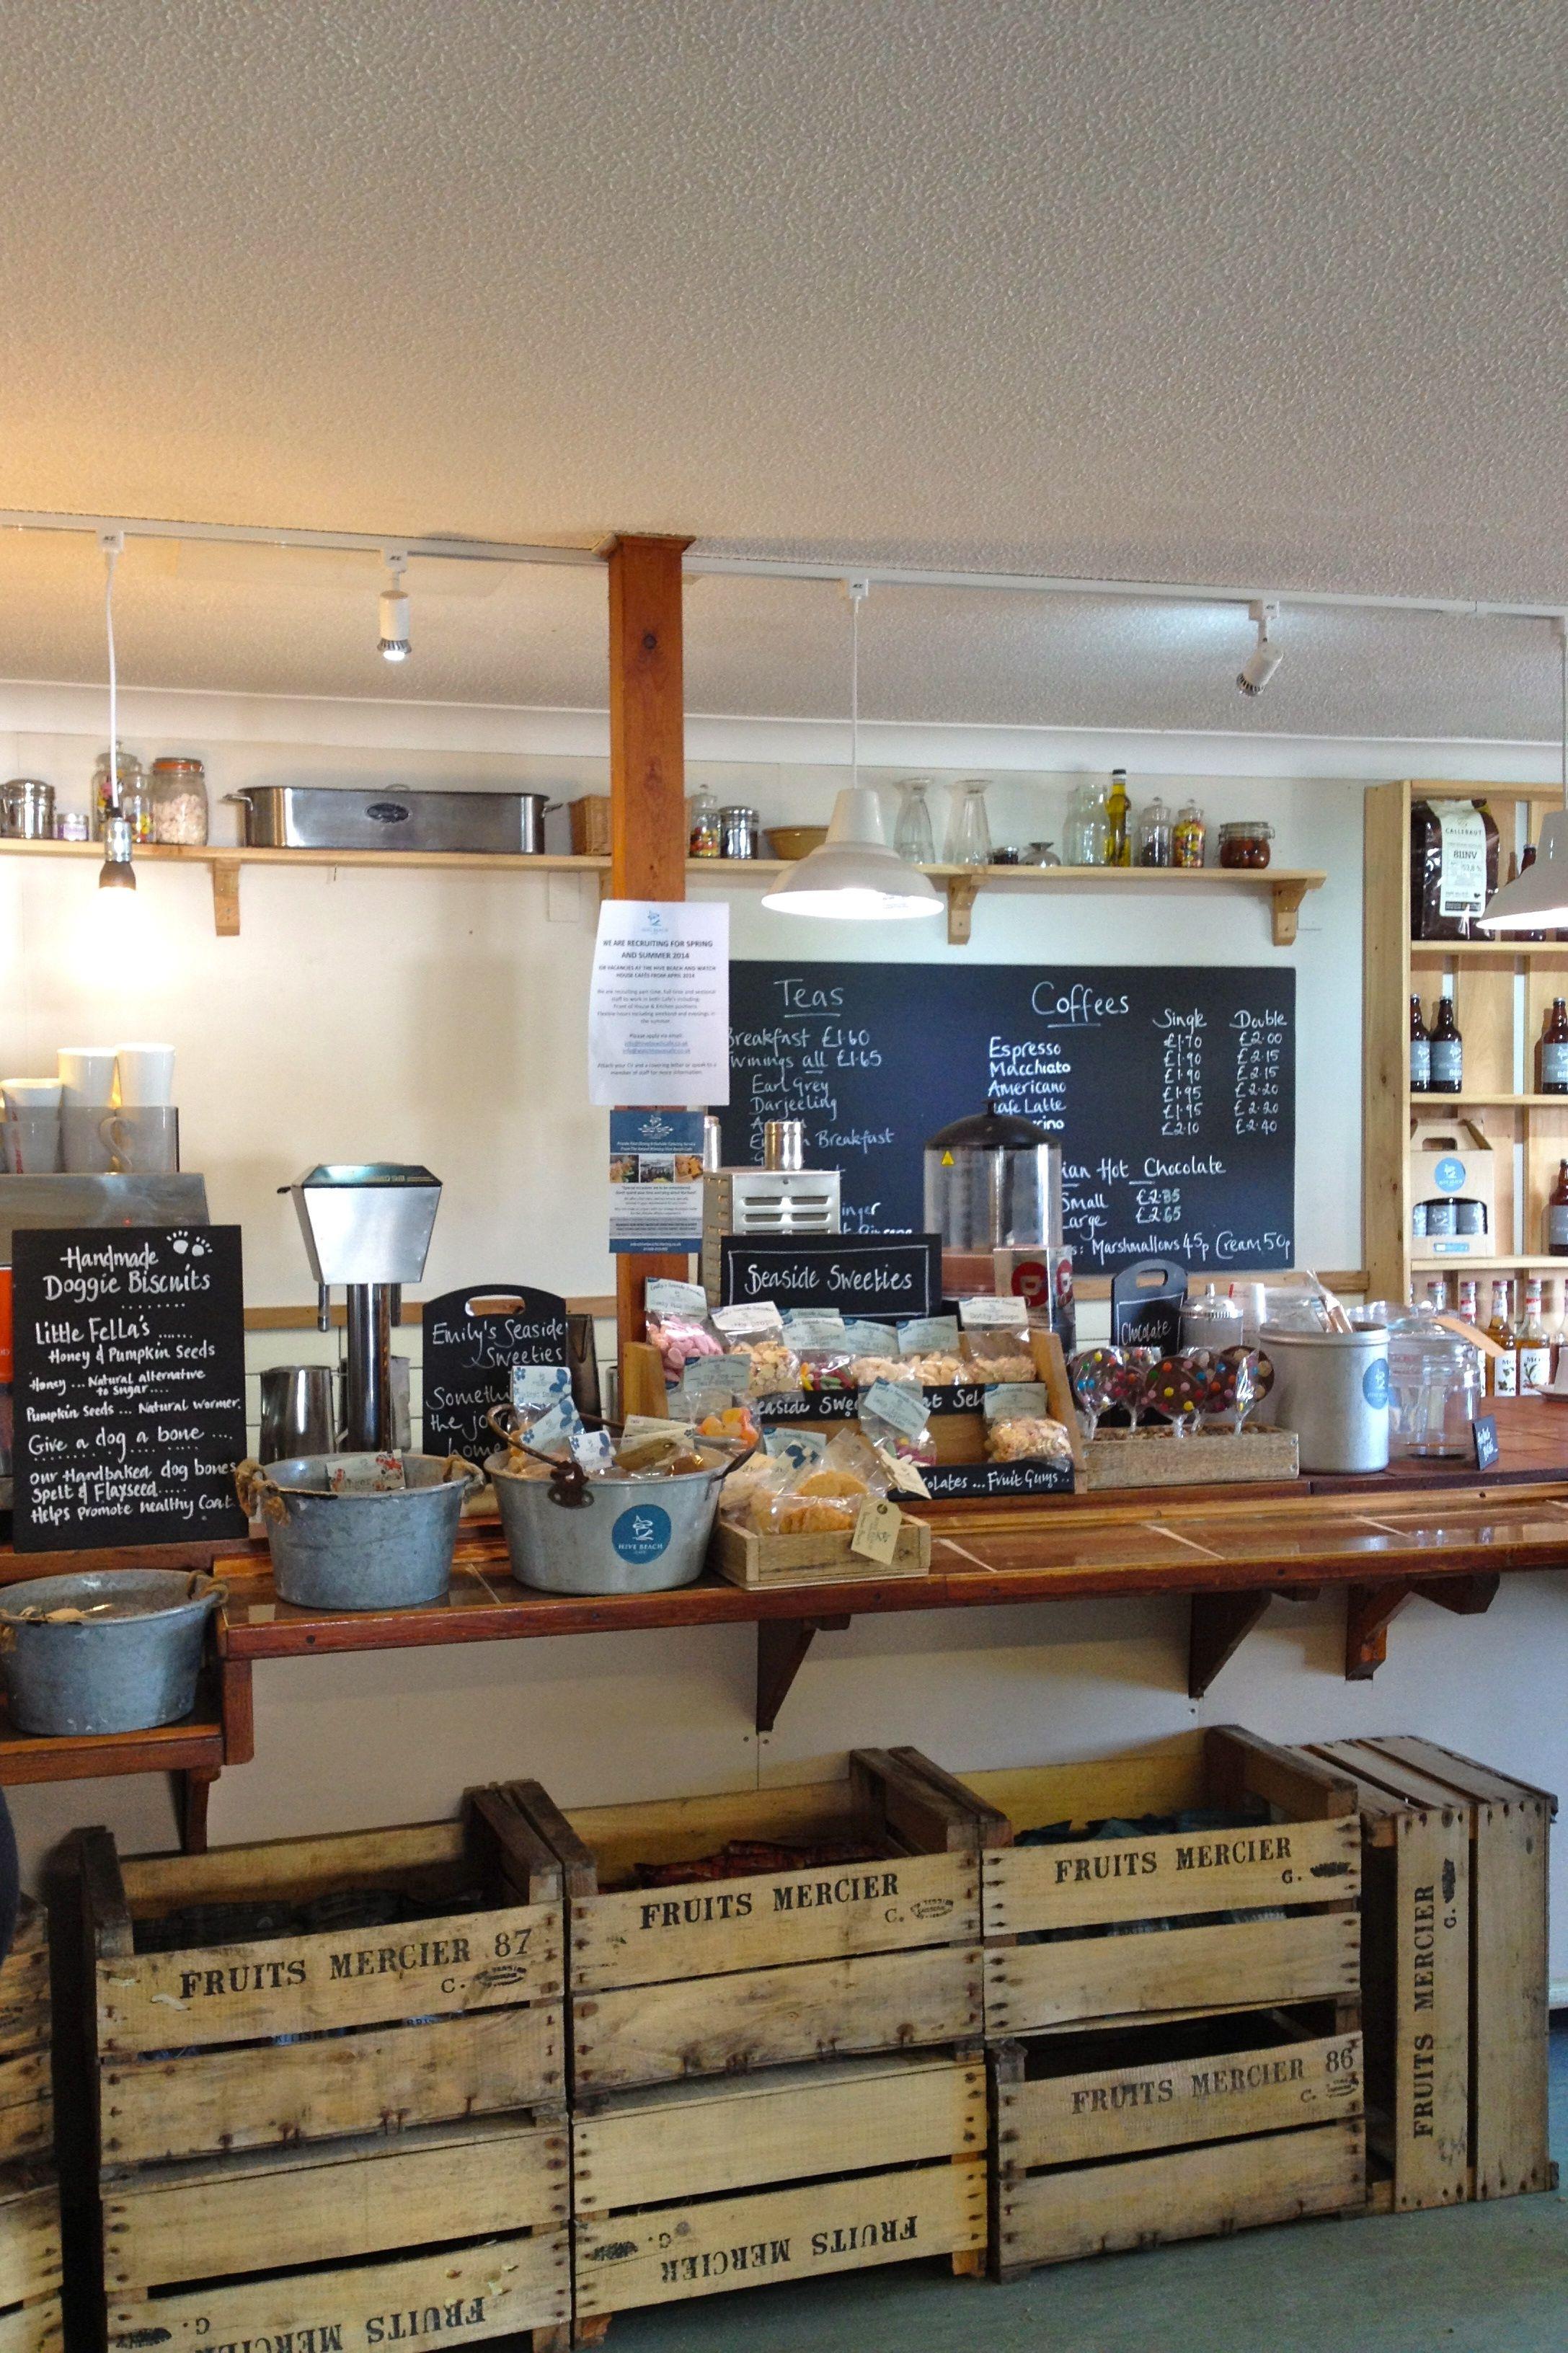 Cafe interior cafe interior restaurant interior design cafe interior interior ideas